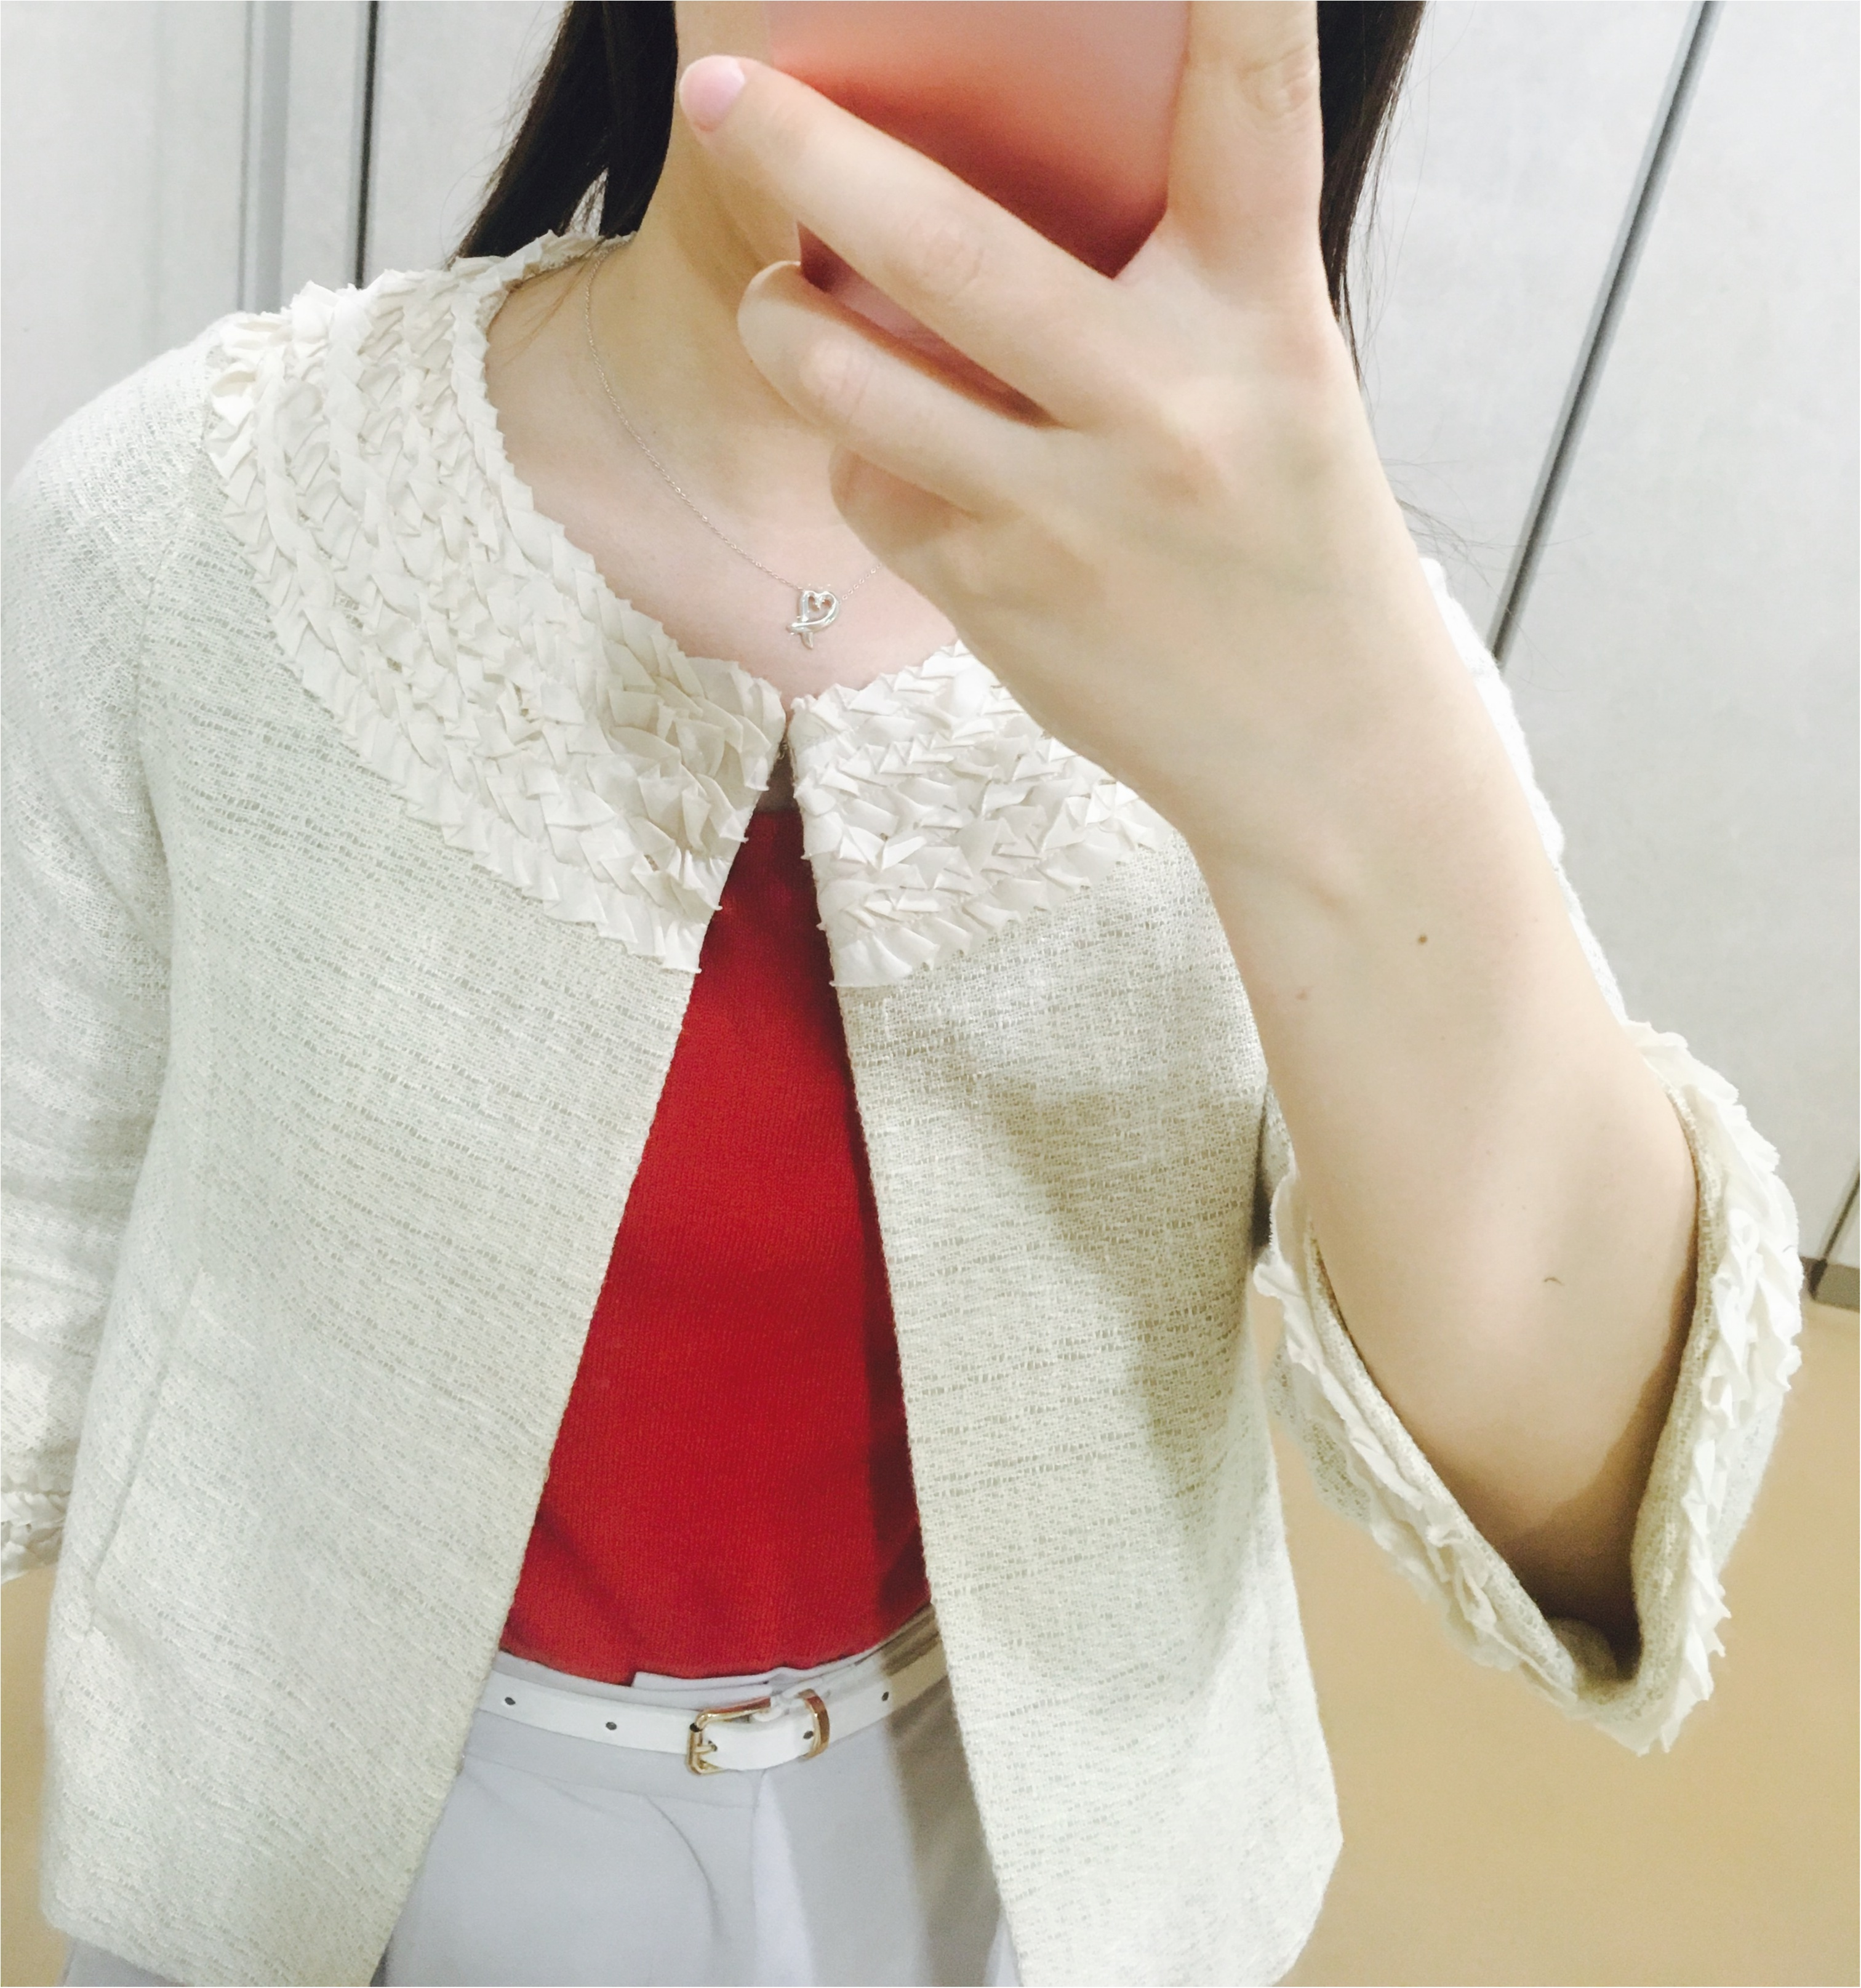 なりたい私に着替えよう【赤】を取り入れたオフィスコーデに挑戦!_5